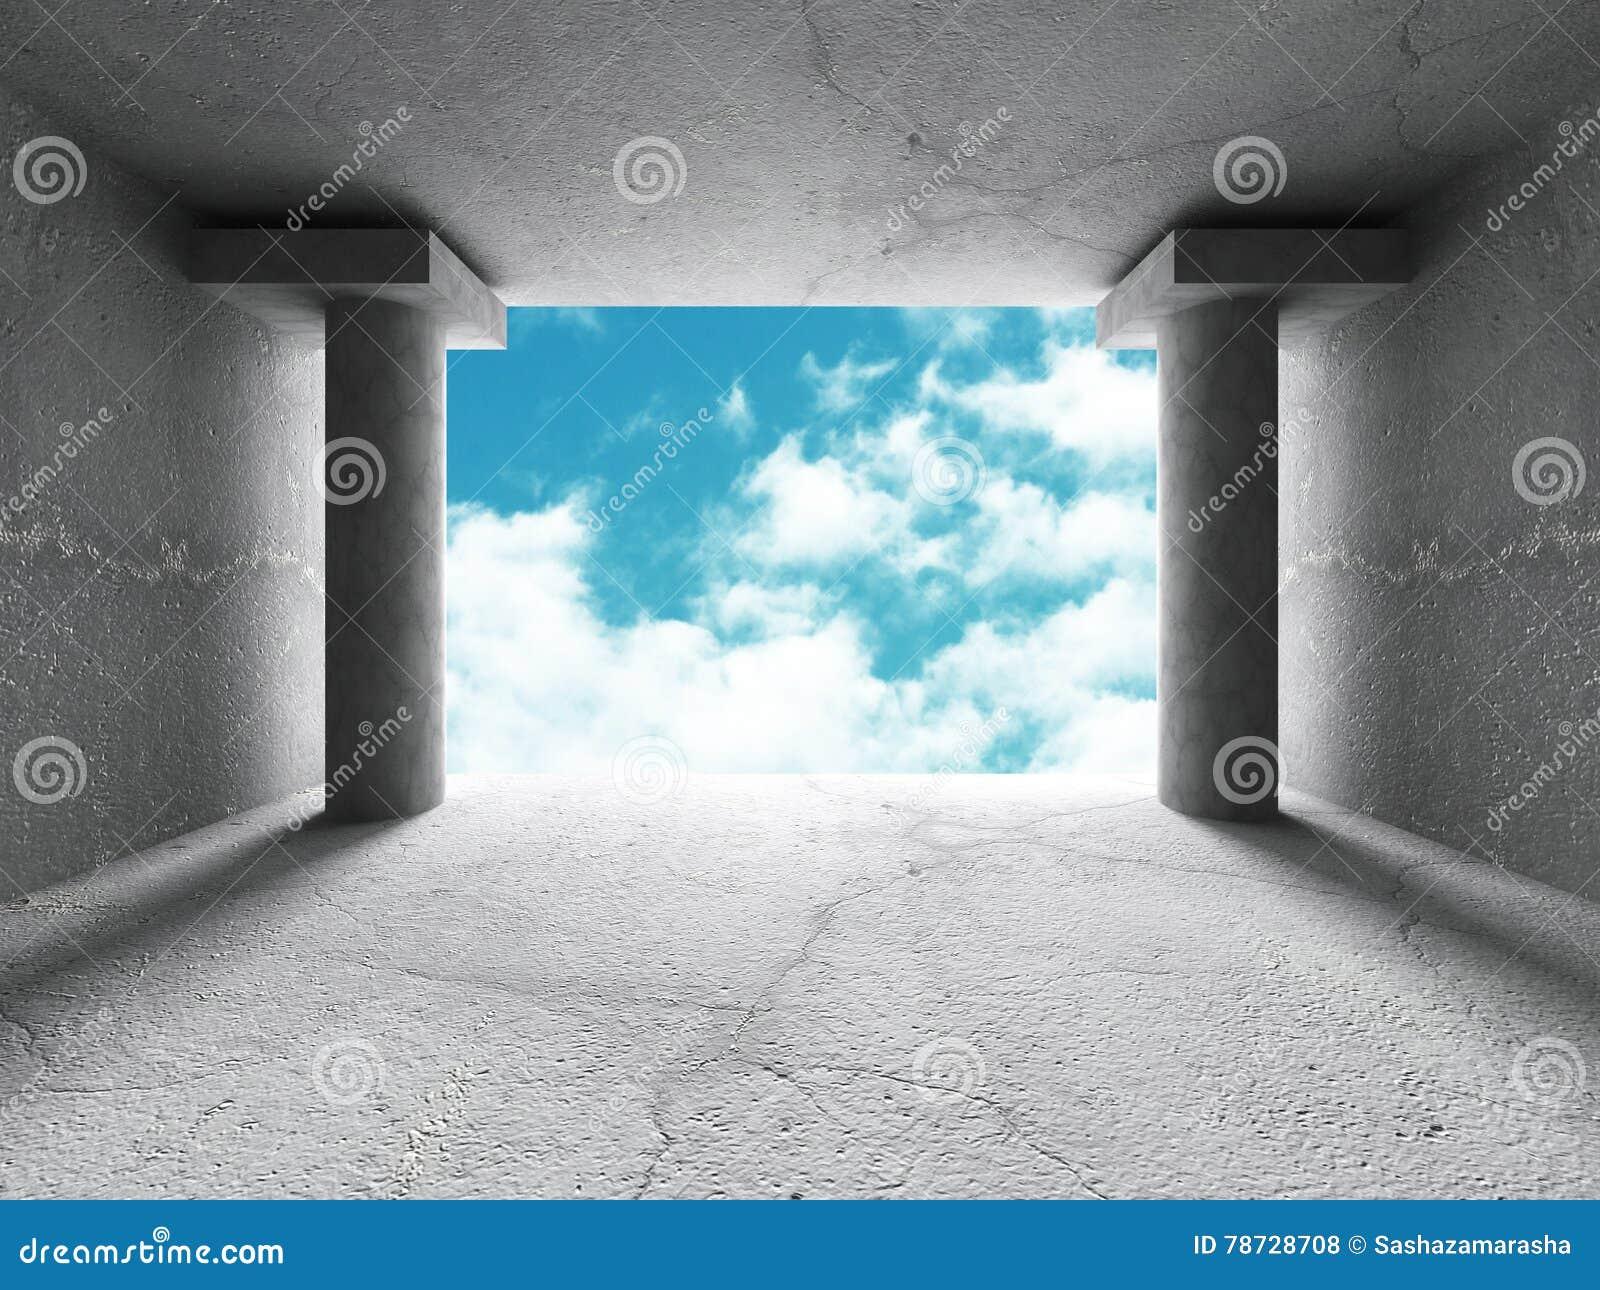 Abstrakt konkret arkitekturkonstruktionsbakgrund med himmel